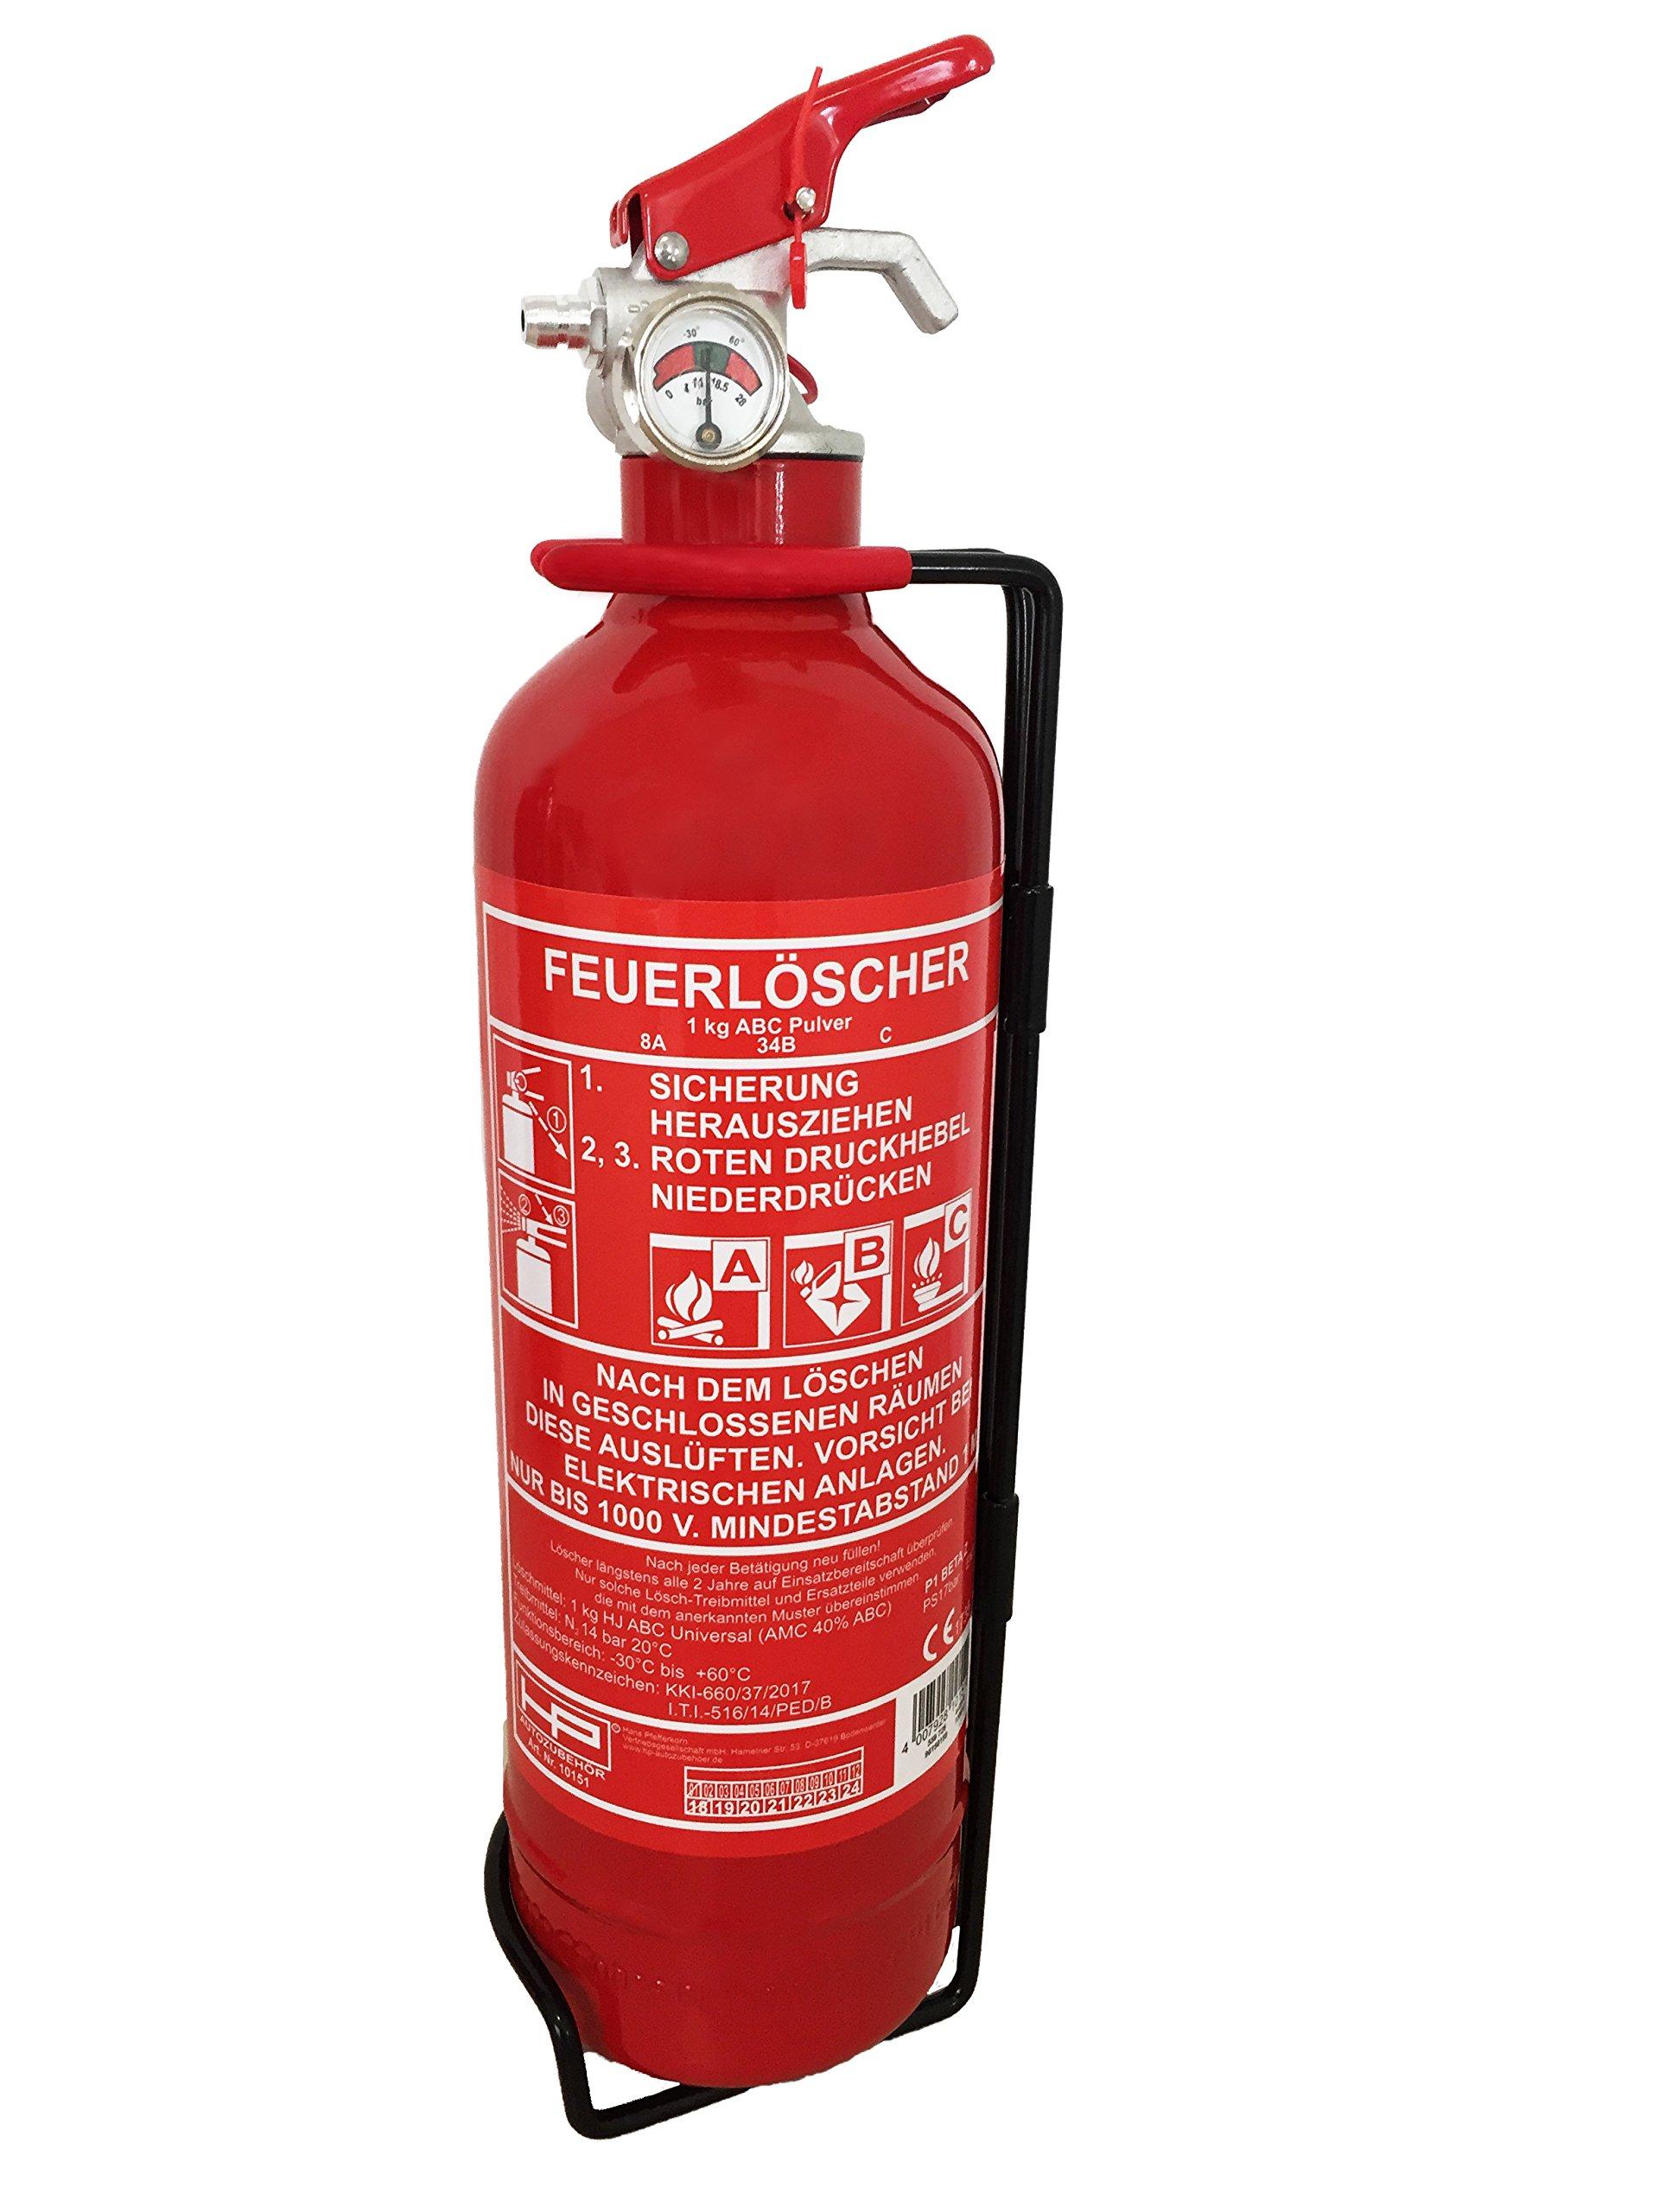 Hervorragend Am besten bewertete Produkte in der Kategorie Feuerlöscher - Amazon.de LT97